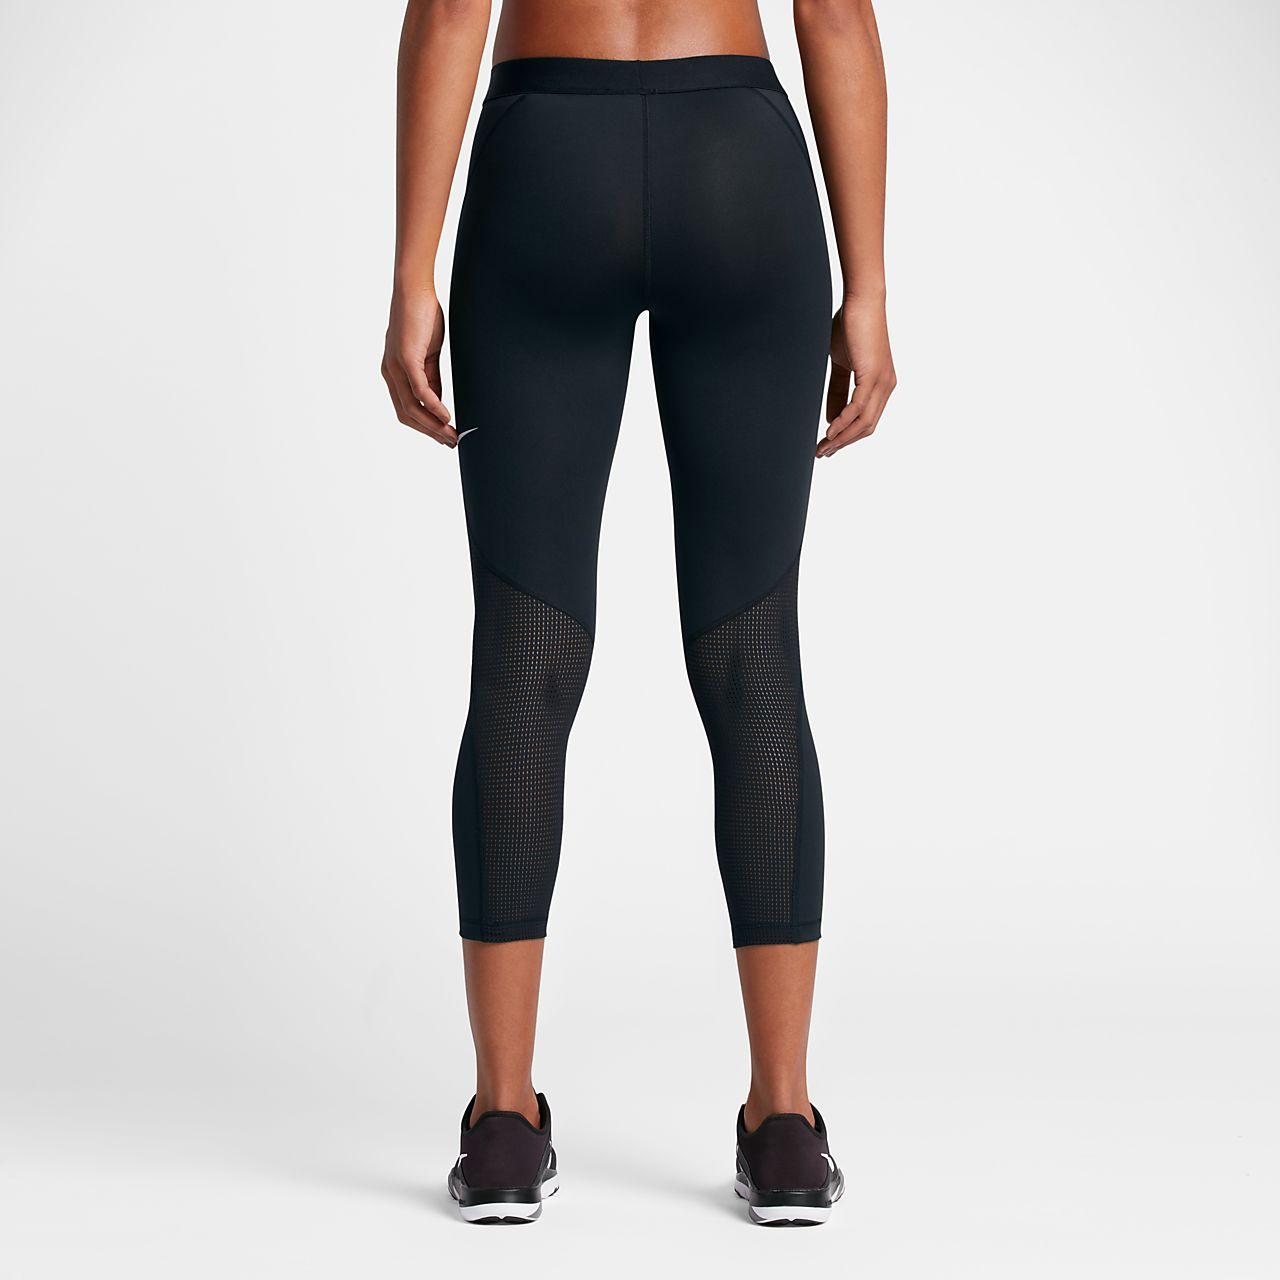 Nike Pro Logo Women's Training Capris Black